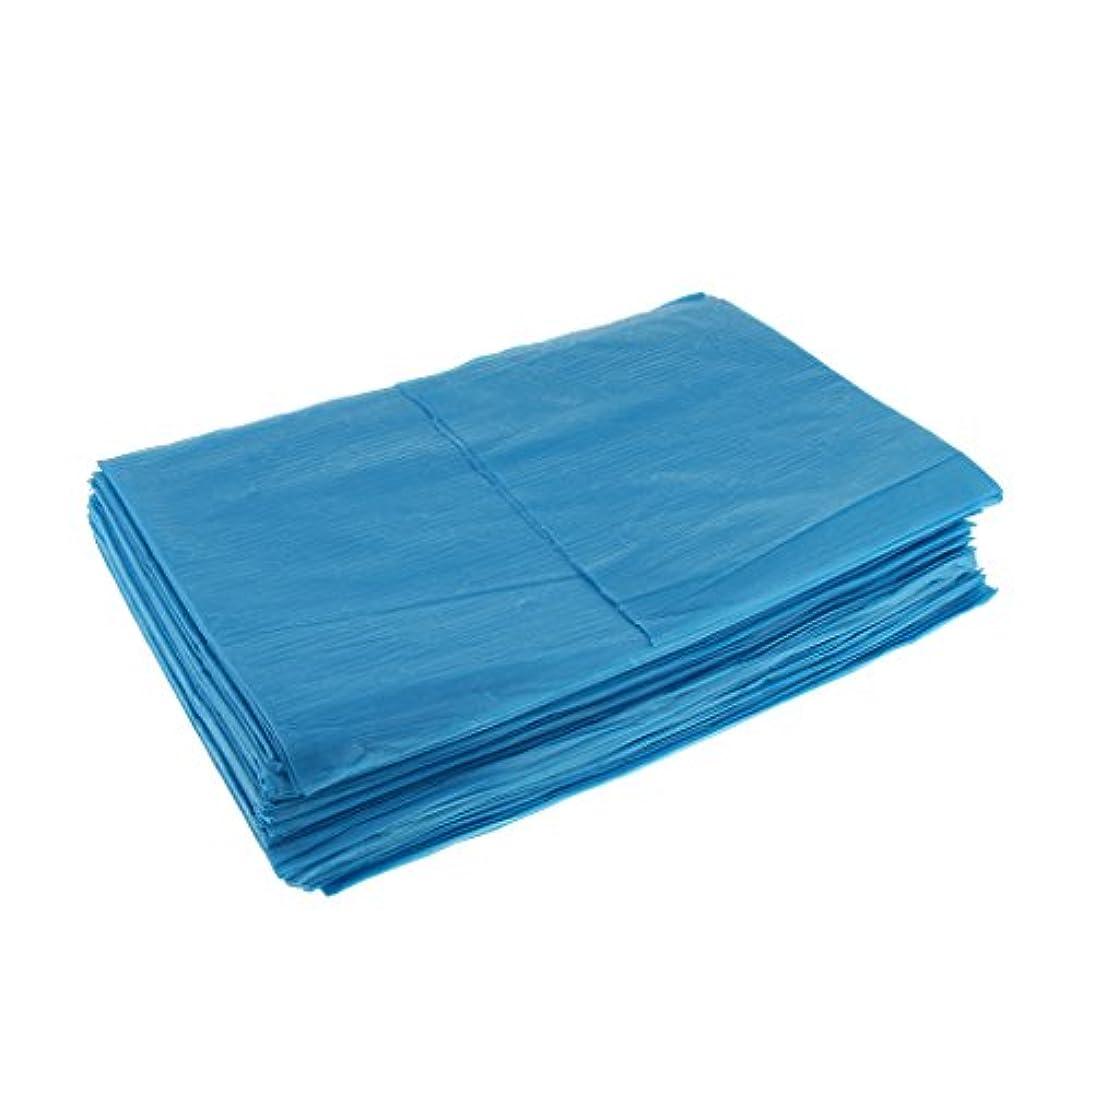 獣メンタリティカバー10枚 使い捨てベッドシーツ 使い捨て 美容 マッサージ サロン ホテル ベッドパッド カバー シート 2色選べ - 青